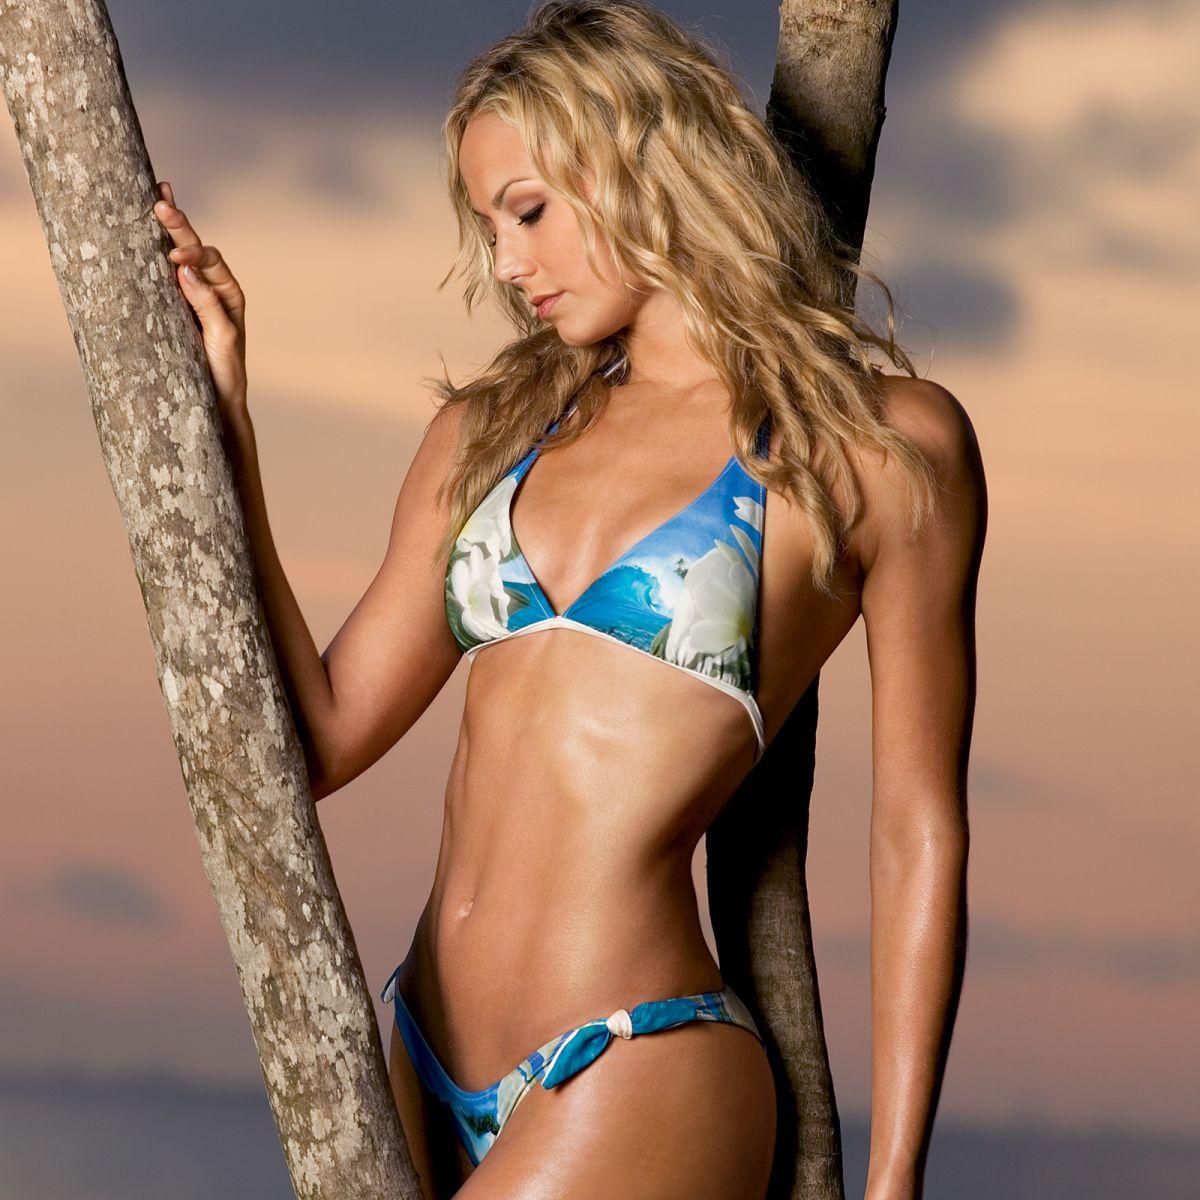 Stacey keibler bikini